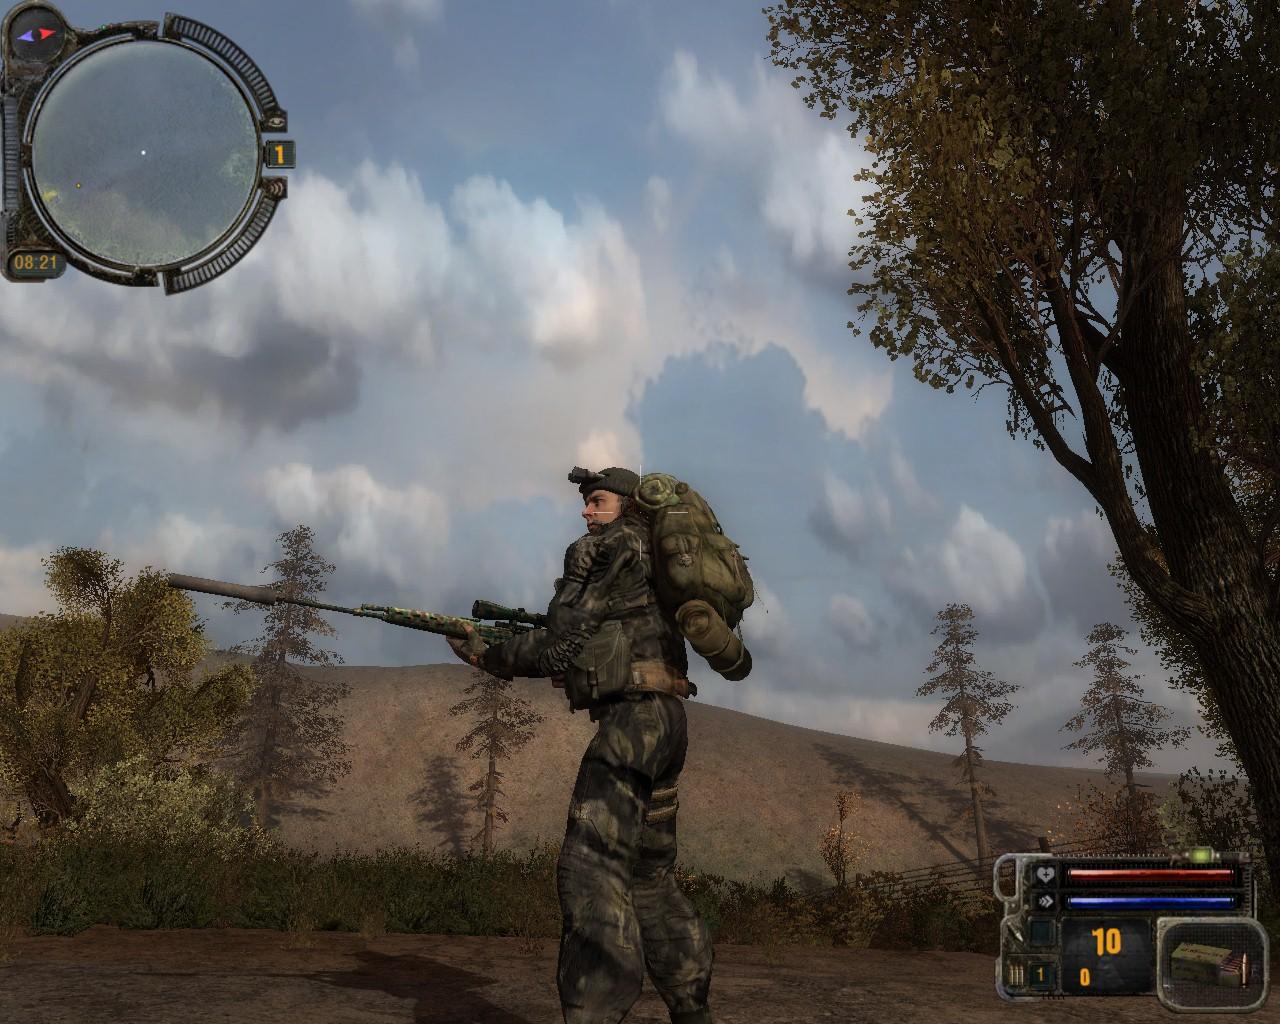 Сталкер мод снайпер скачать торрент от механиков